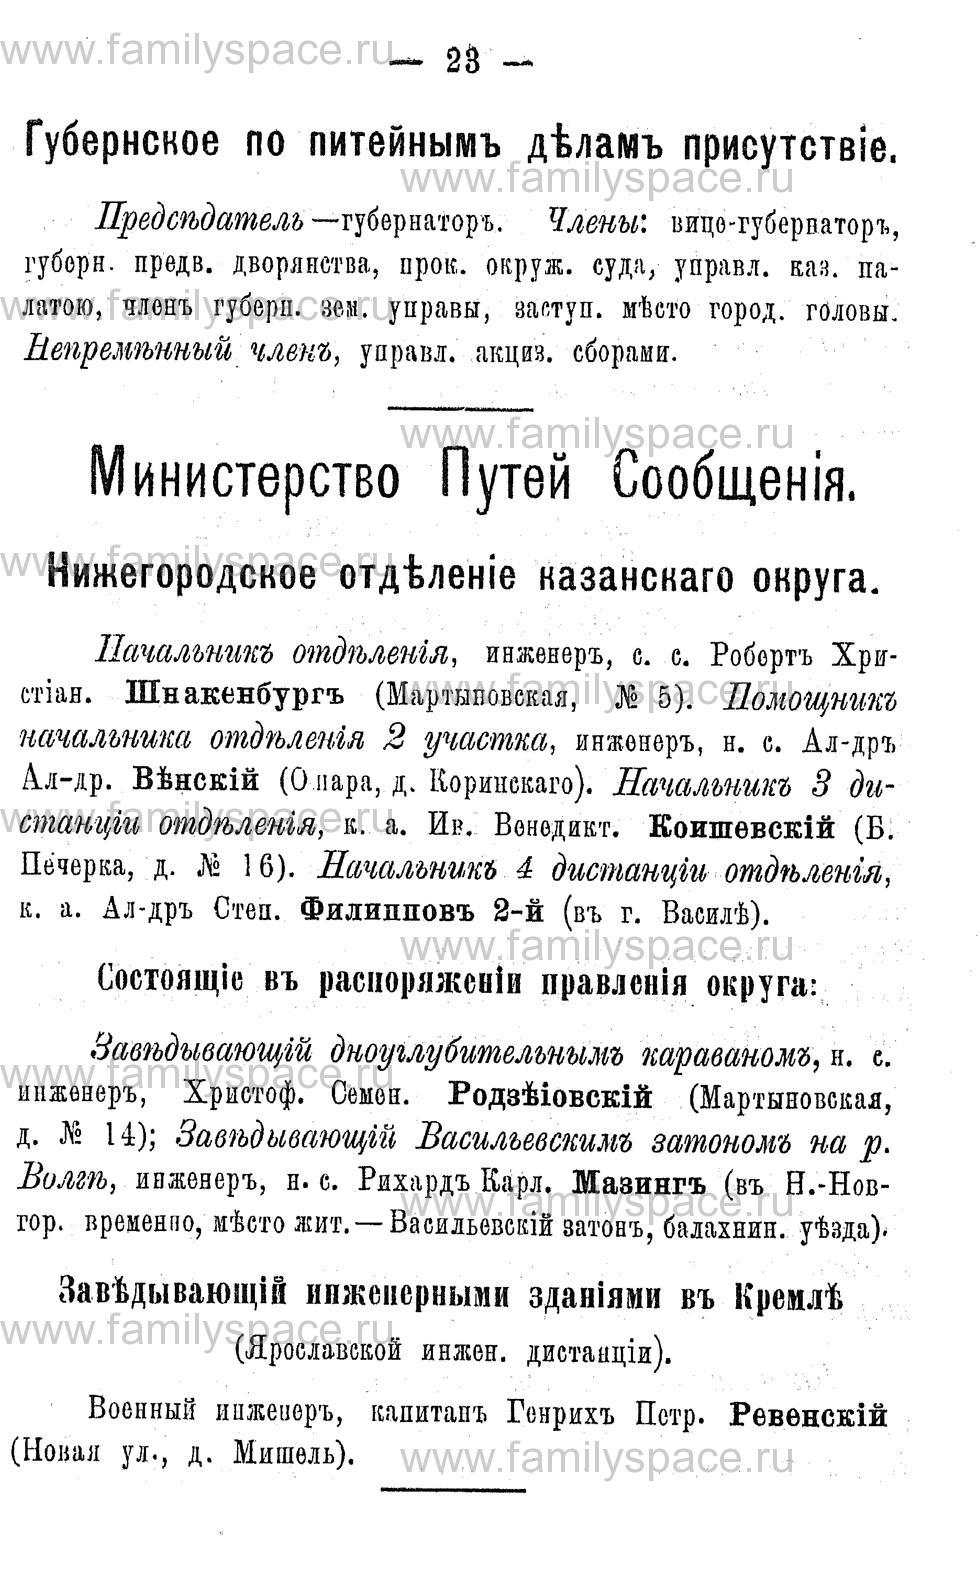 Поиск по фамилии - Адрес-календарь Нижегородской губернии на 1891 год, страница 23